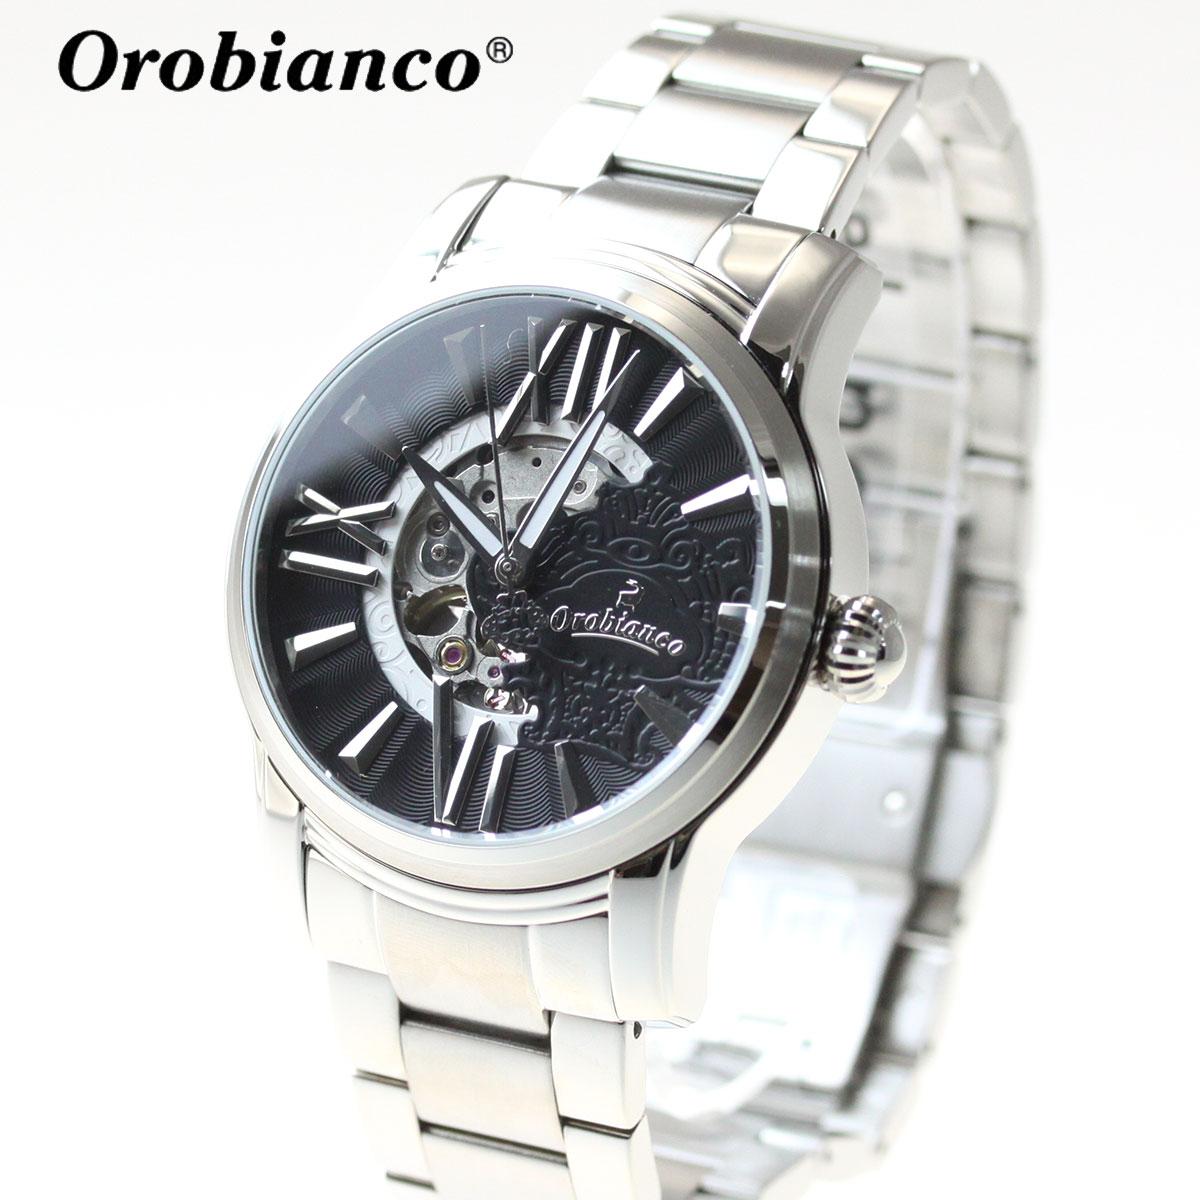 オロビアンコ 時計 メンズ Orobianco 自動巻き 腕時計 オラクラシカ ORAKLASSICA OR0011N00